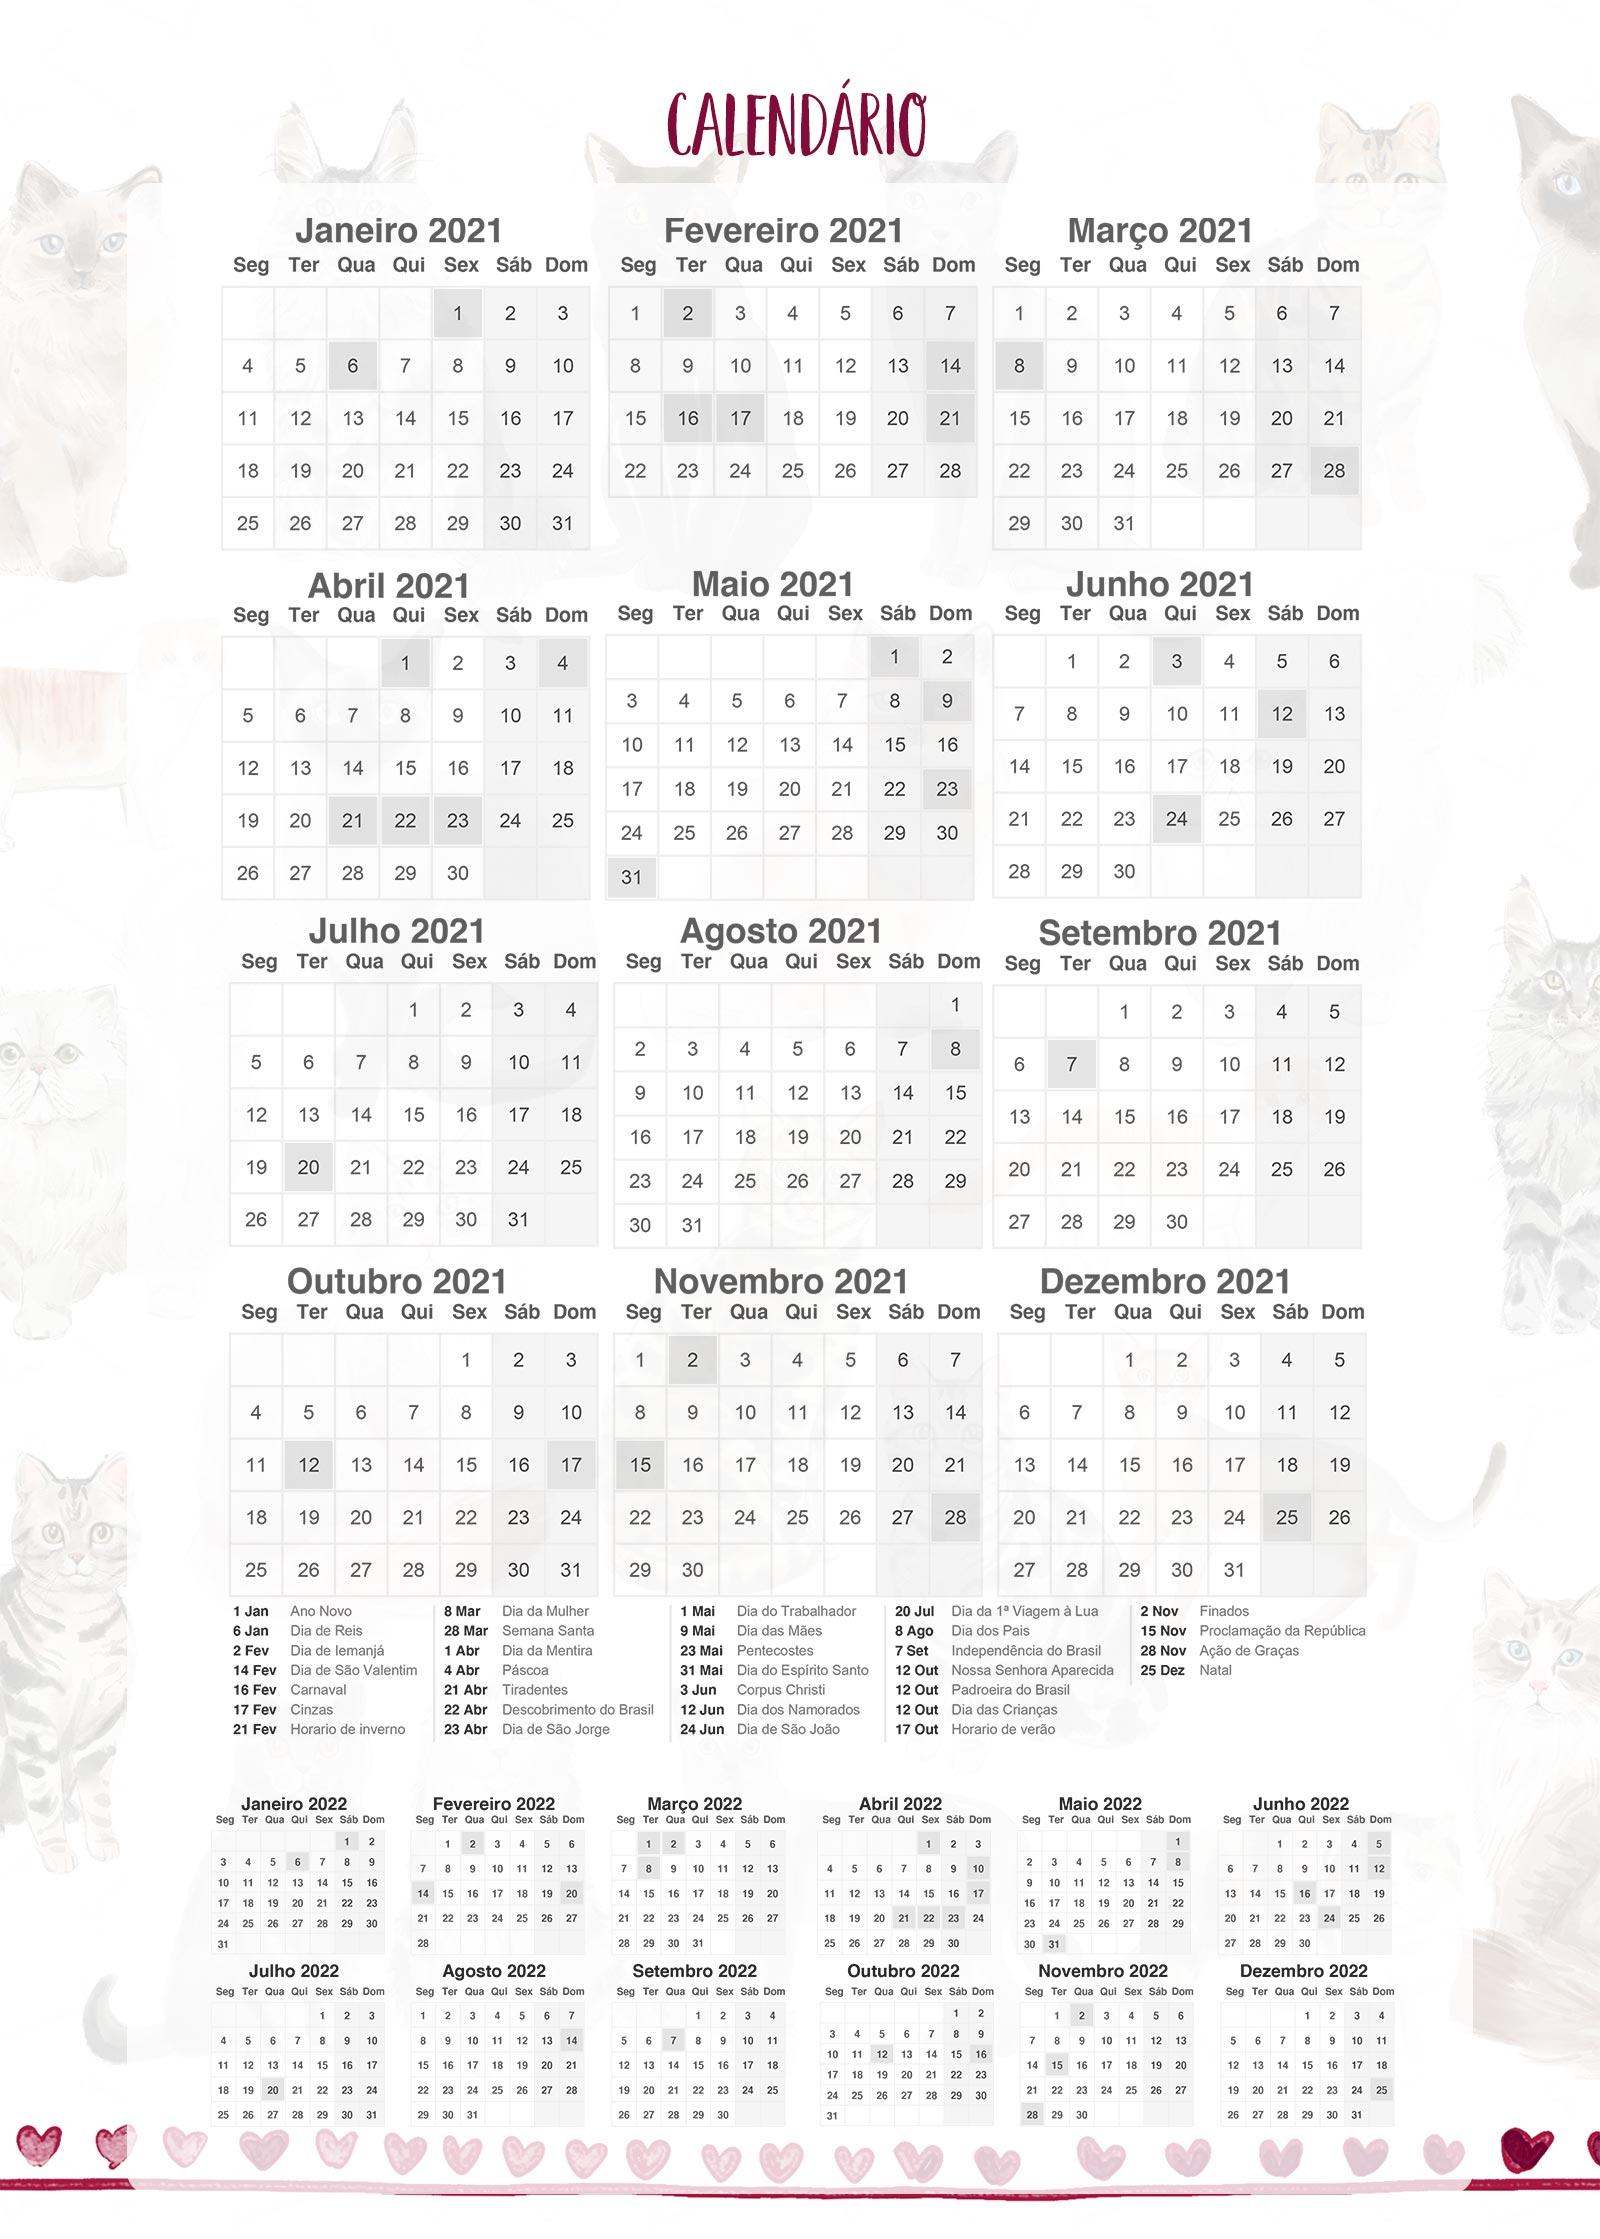 Calendario 2021 Planner Gatinhos